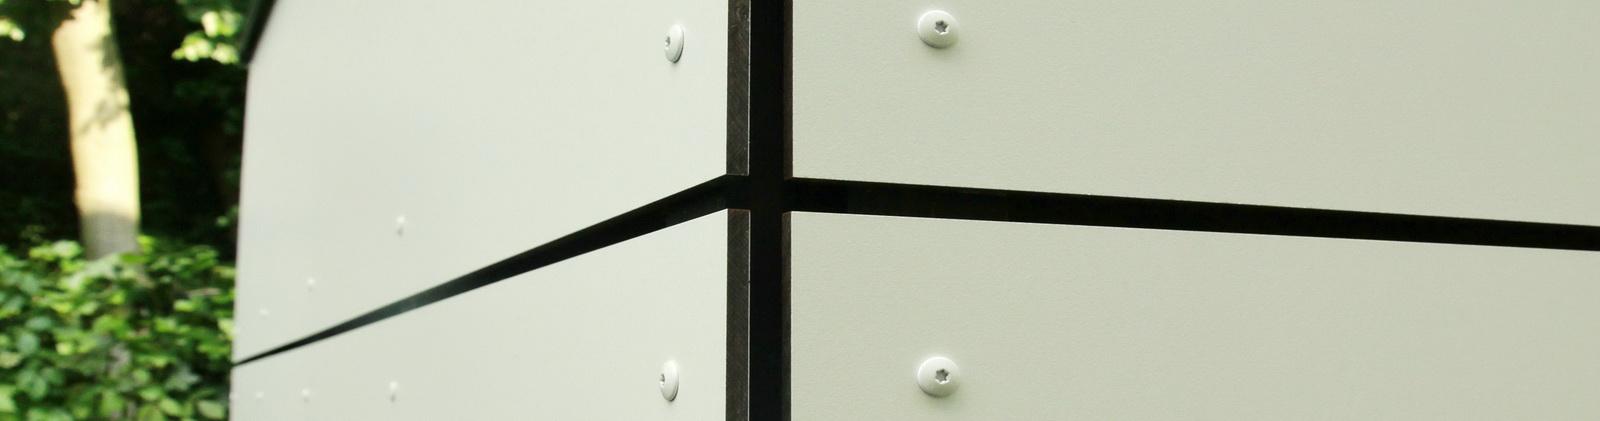 Fassade_1600x421